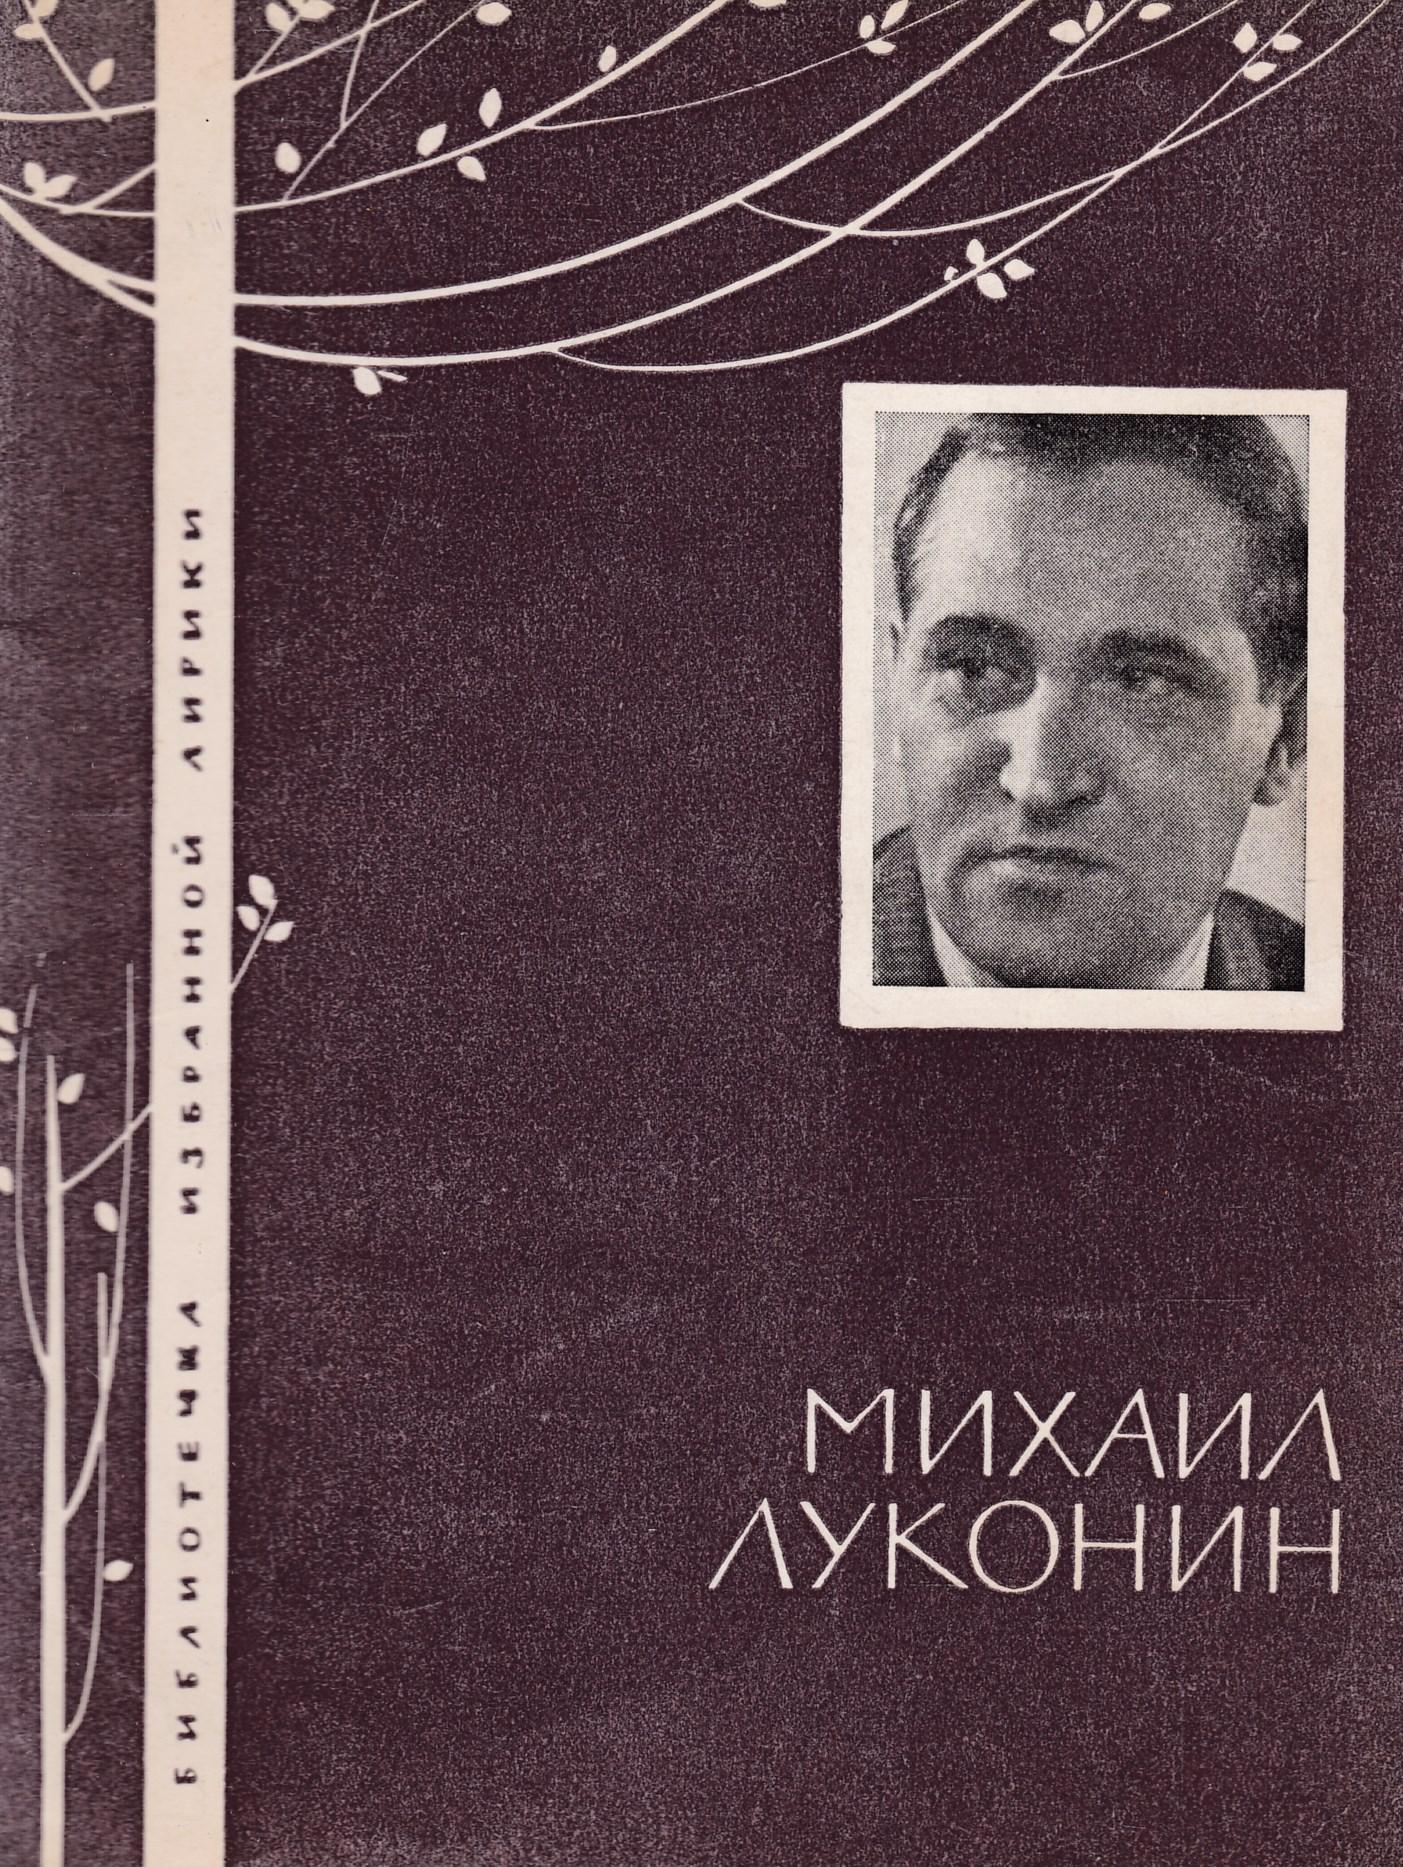 https://fantasticbook.ru/pict/books_covers/1007175592.jpg